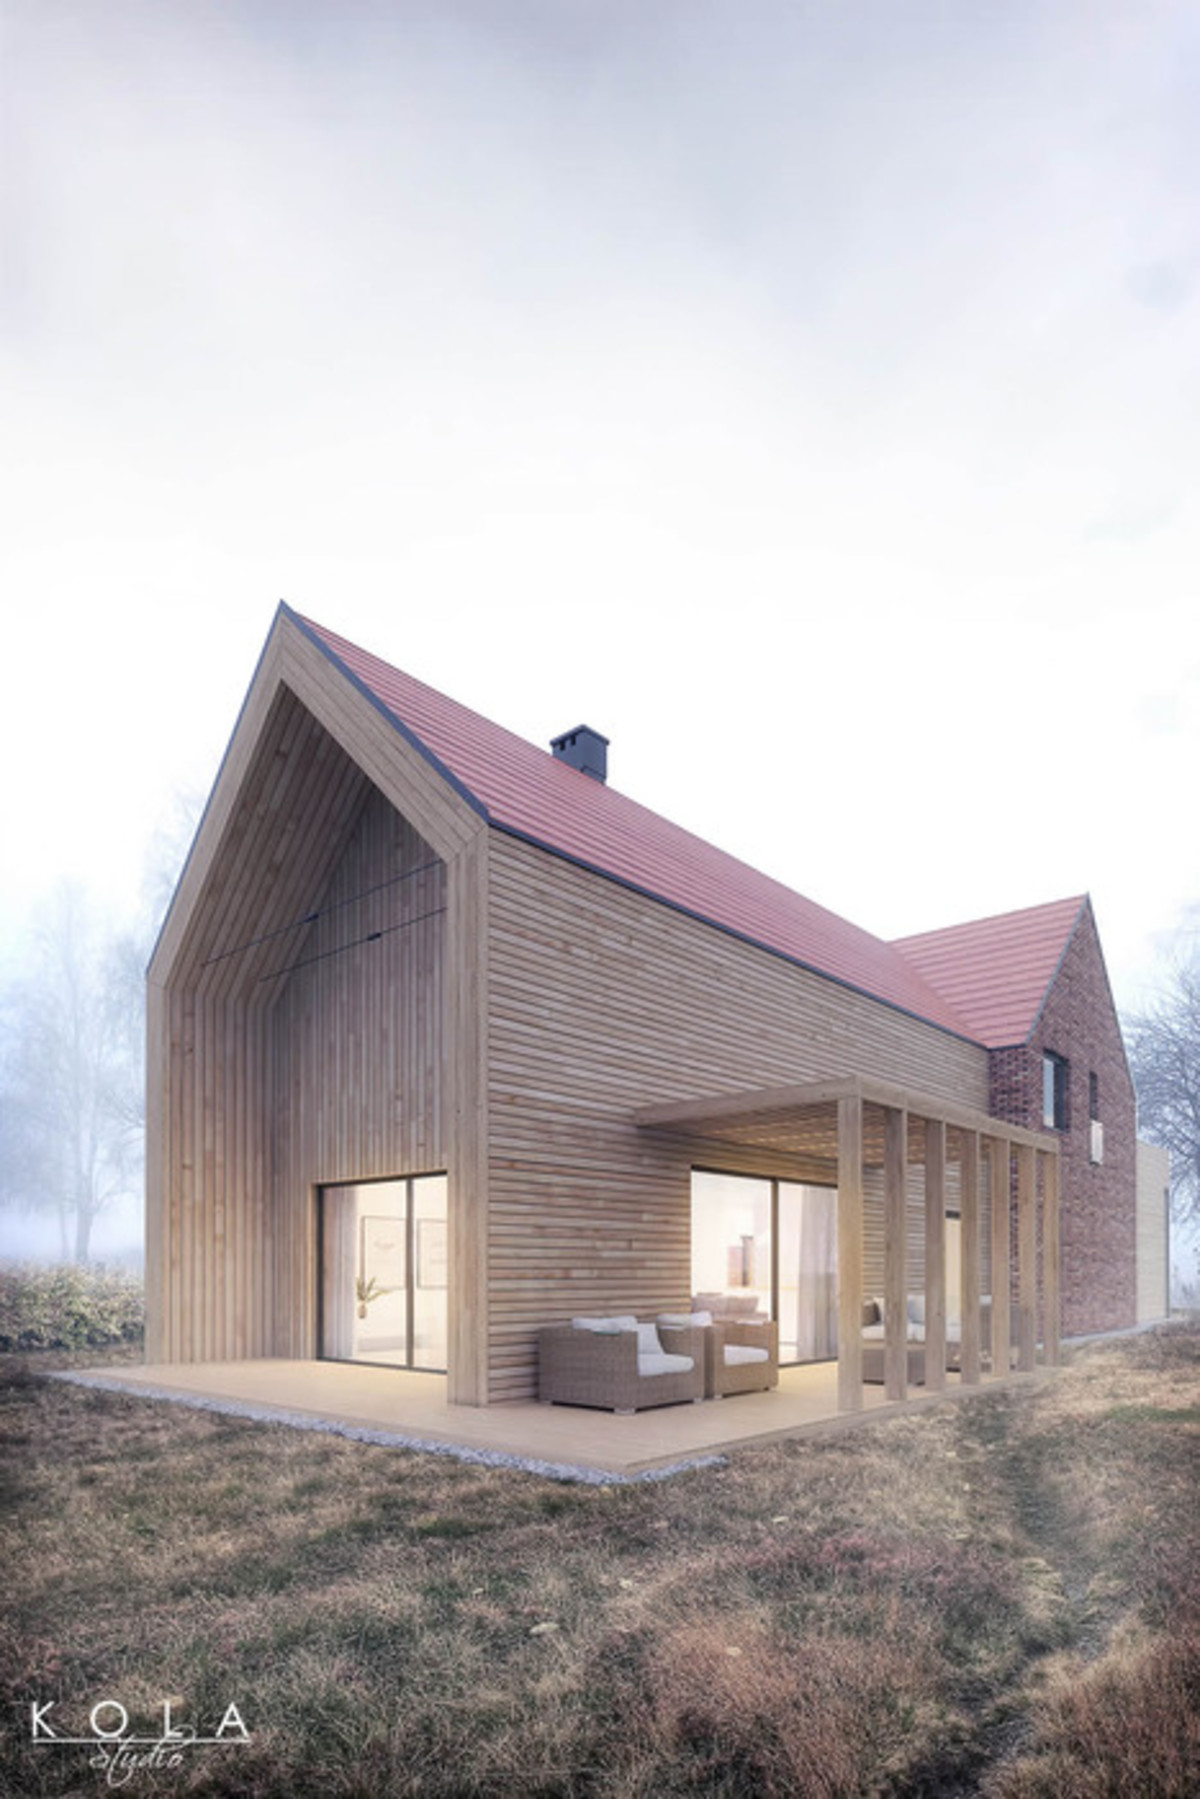 Projekty Domow Jednorodzinnych Nowoczesny Dom W Stylu Stodola